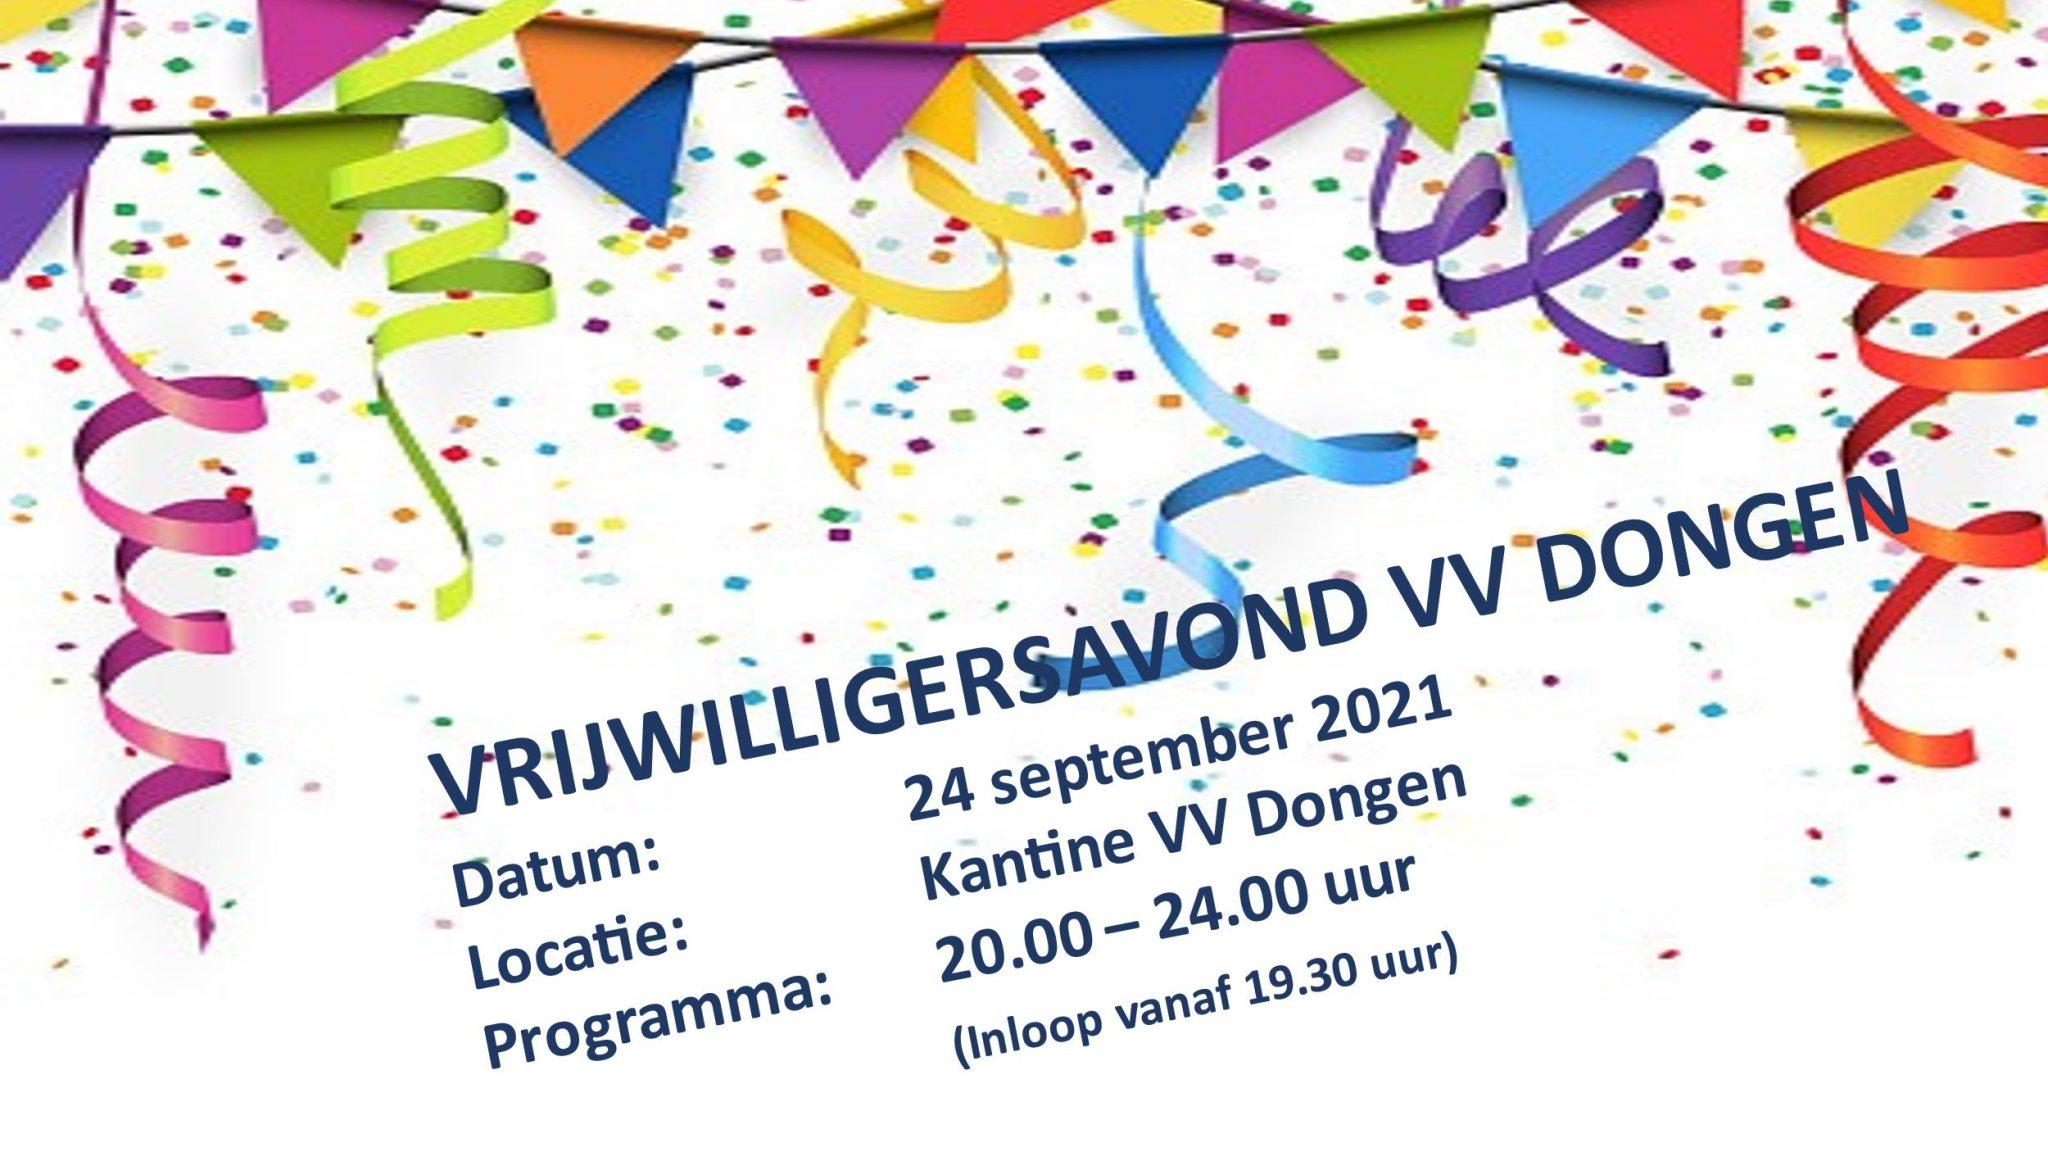 vrijwilligersavond verplaatst naar 15 oktober